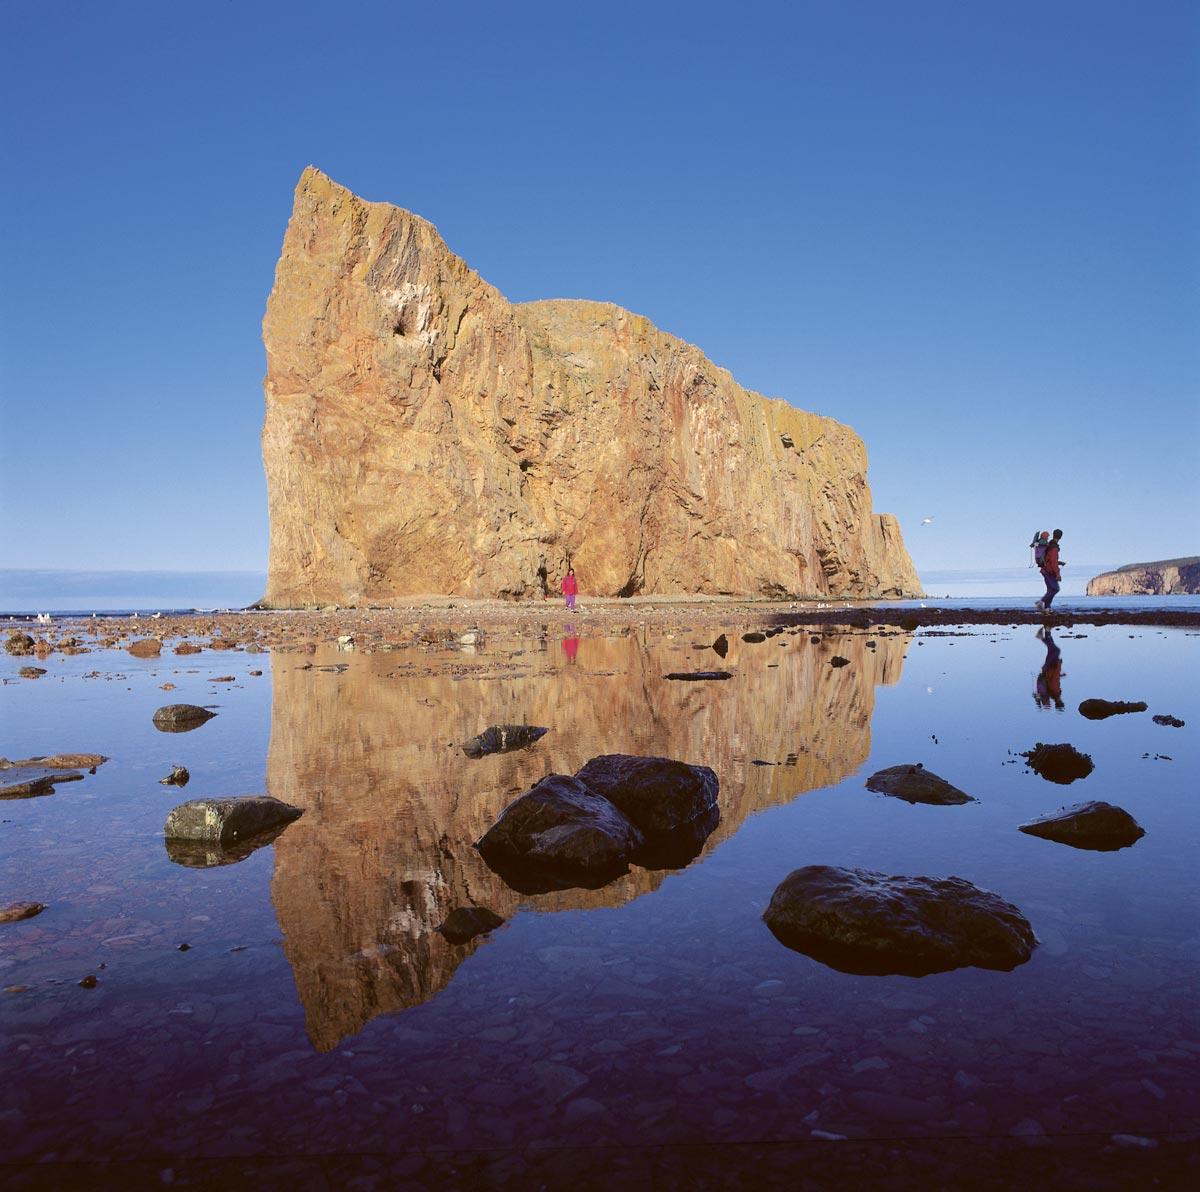 Rando au pied du rocher Percé